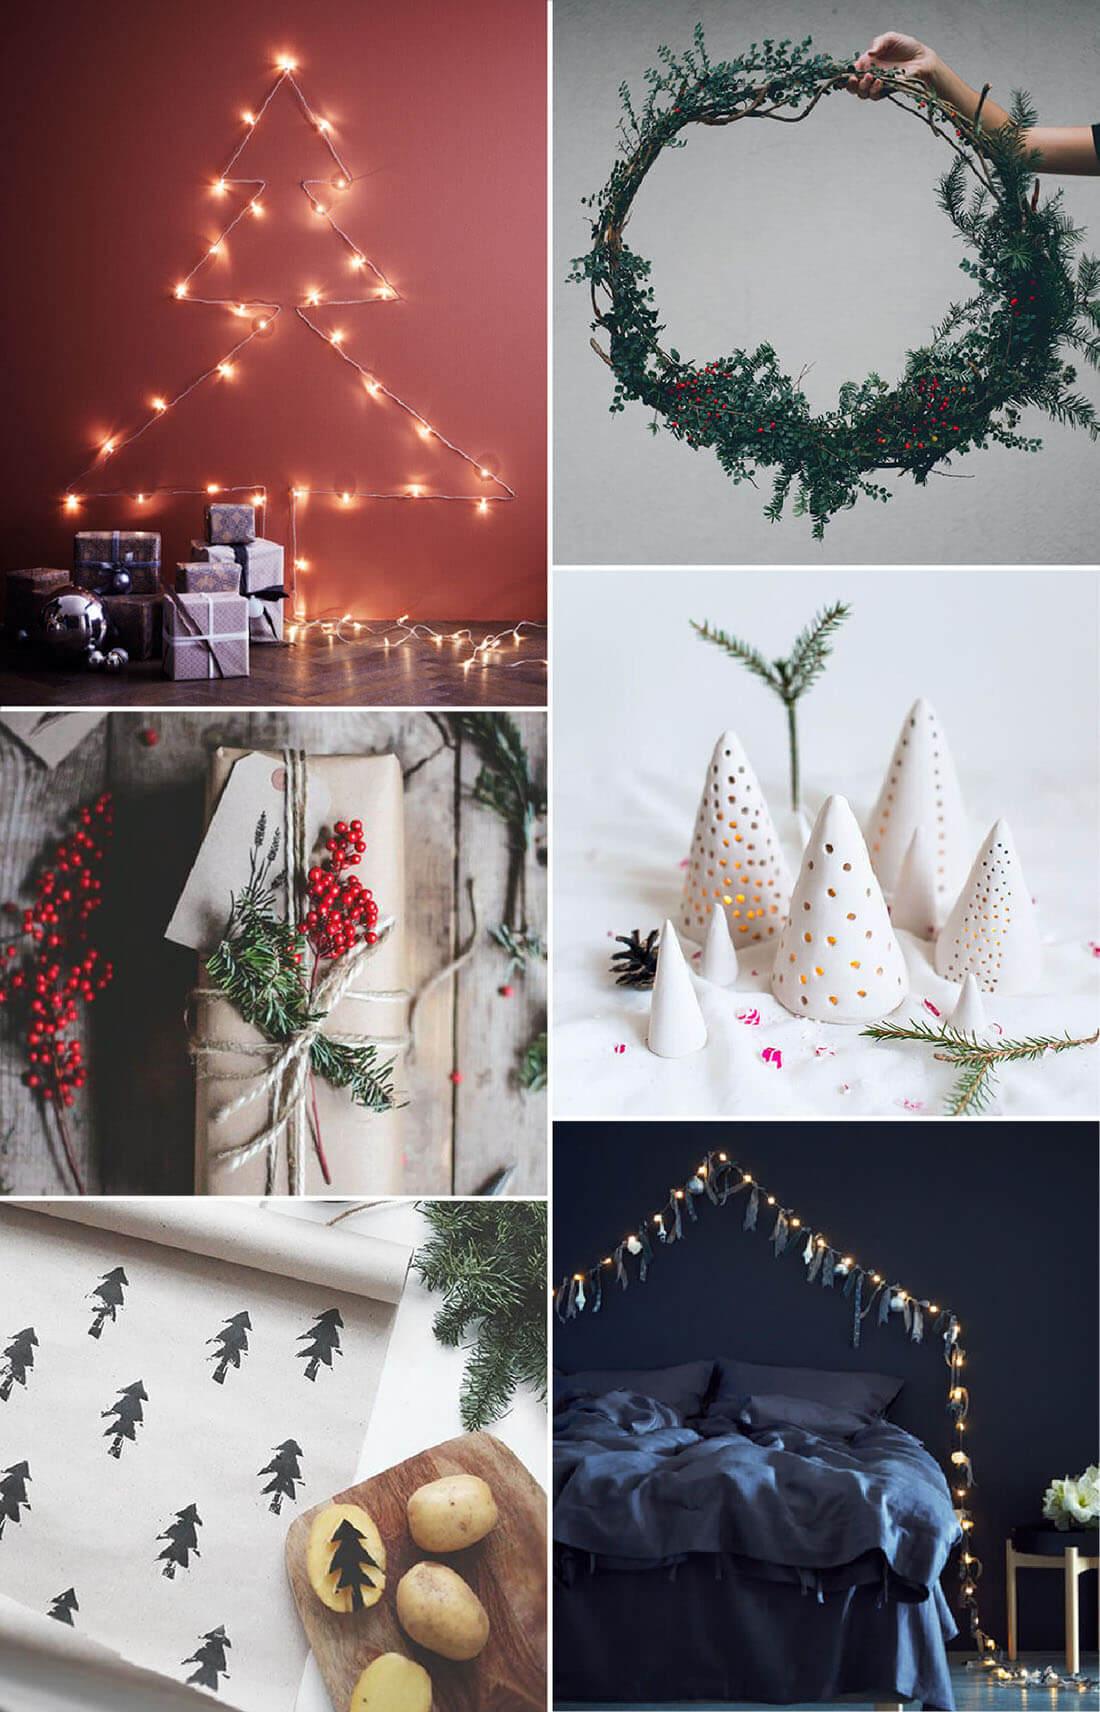 Decorazioni Natalizie Con La Carta Fai Da Te.10 Decorazioni Fai Da Te Per Natale Diy Marianna Milione